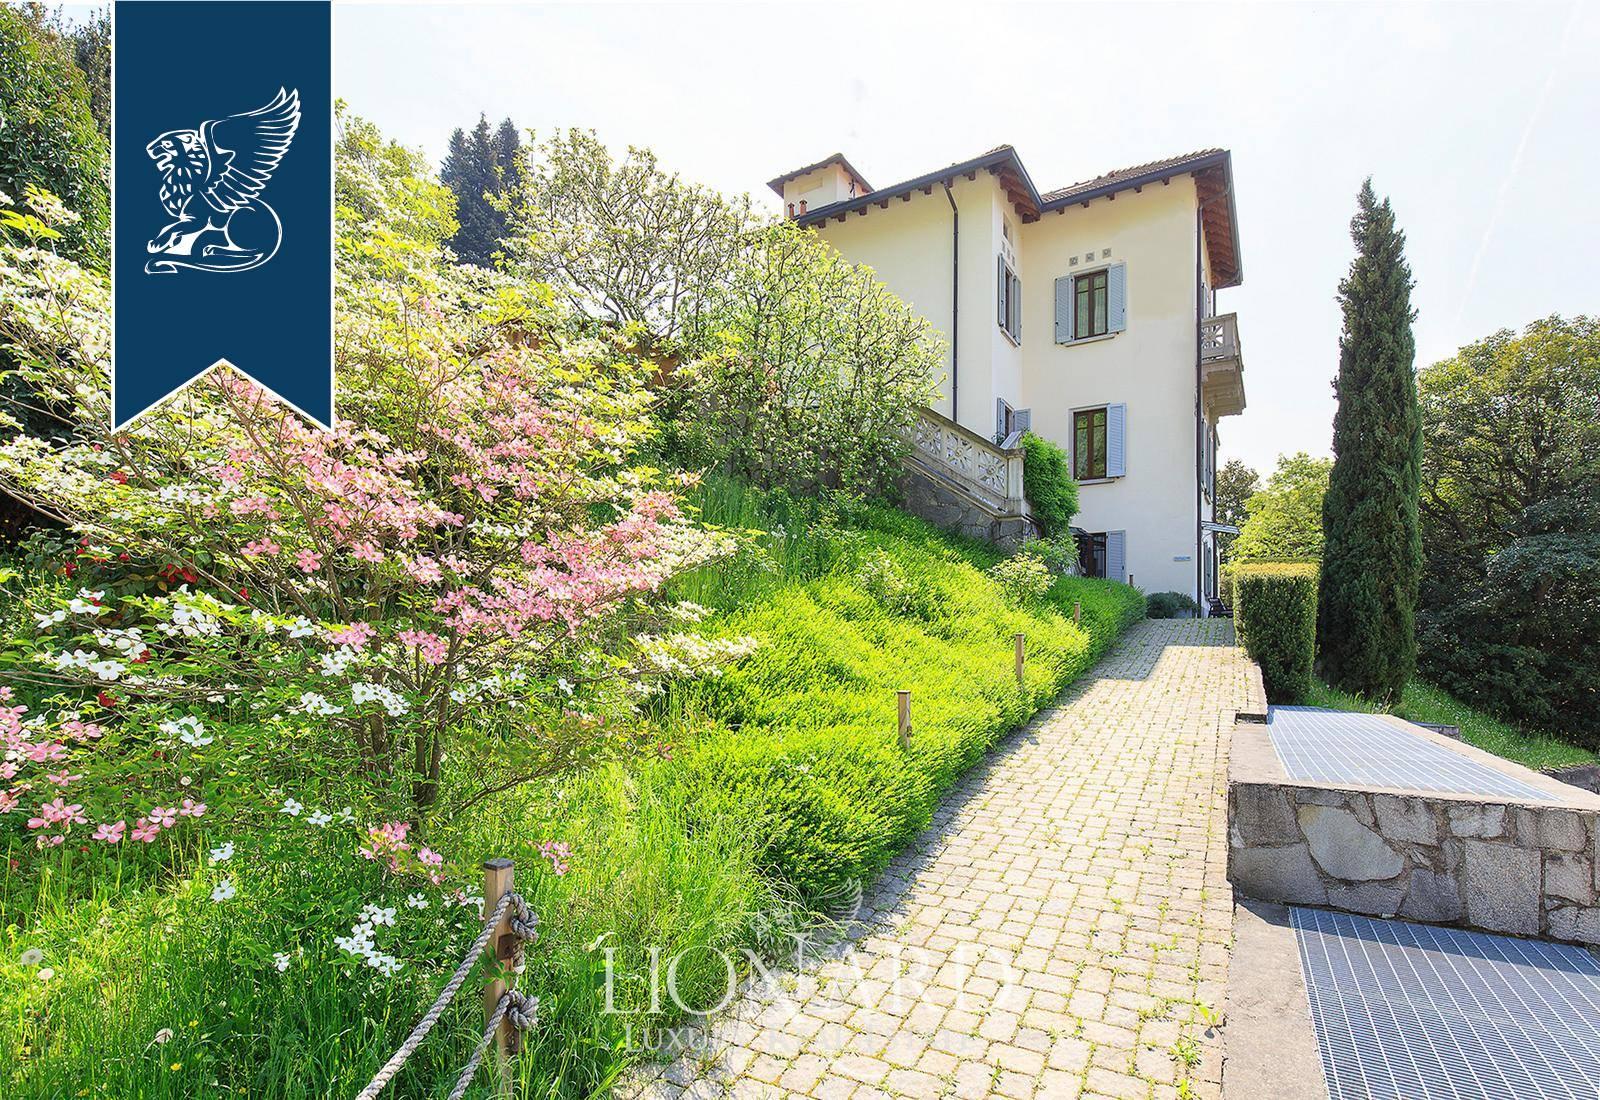 Villa in Vendita a Como: 0 locali, 550 mq - Foto 3